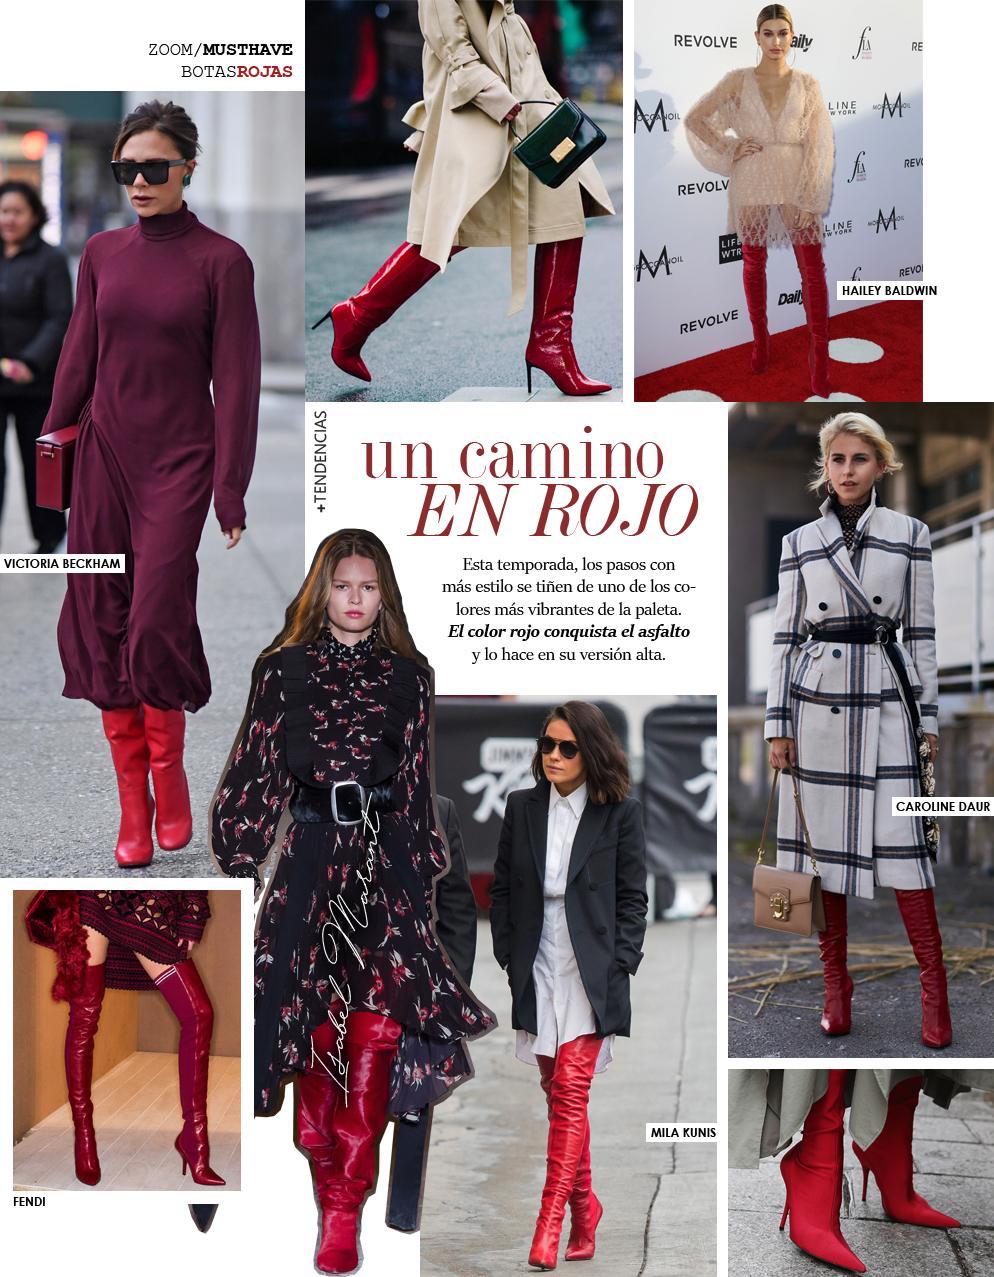 Las botas rojas (y altas) son el nuevo objeto de deseo